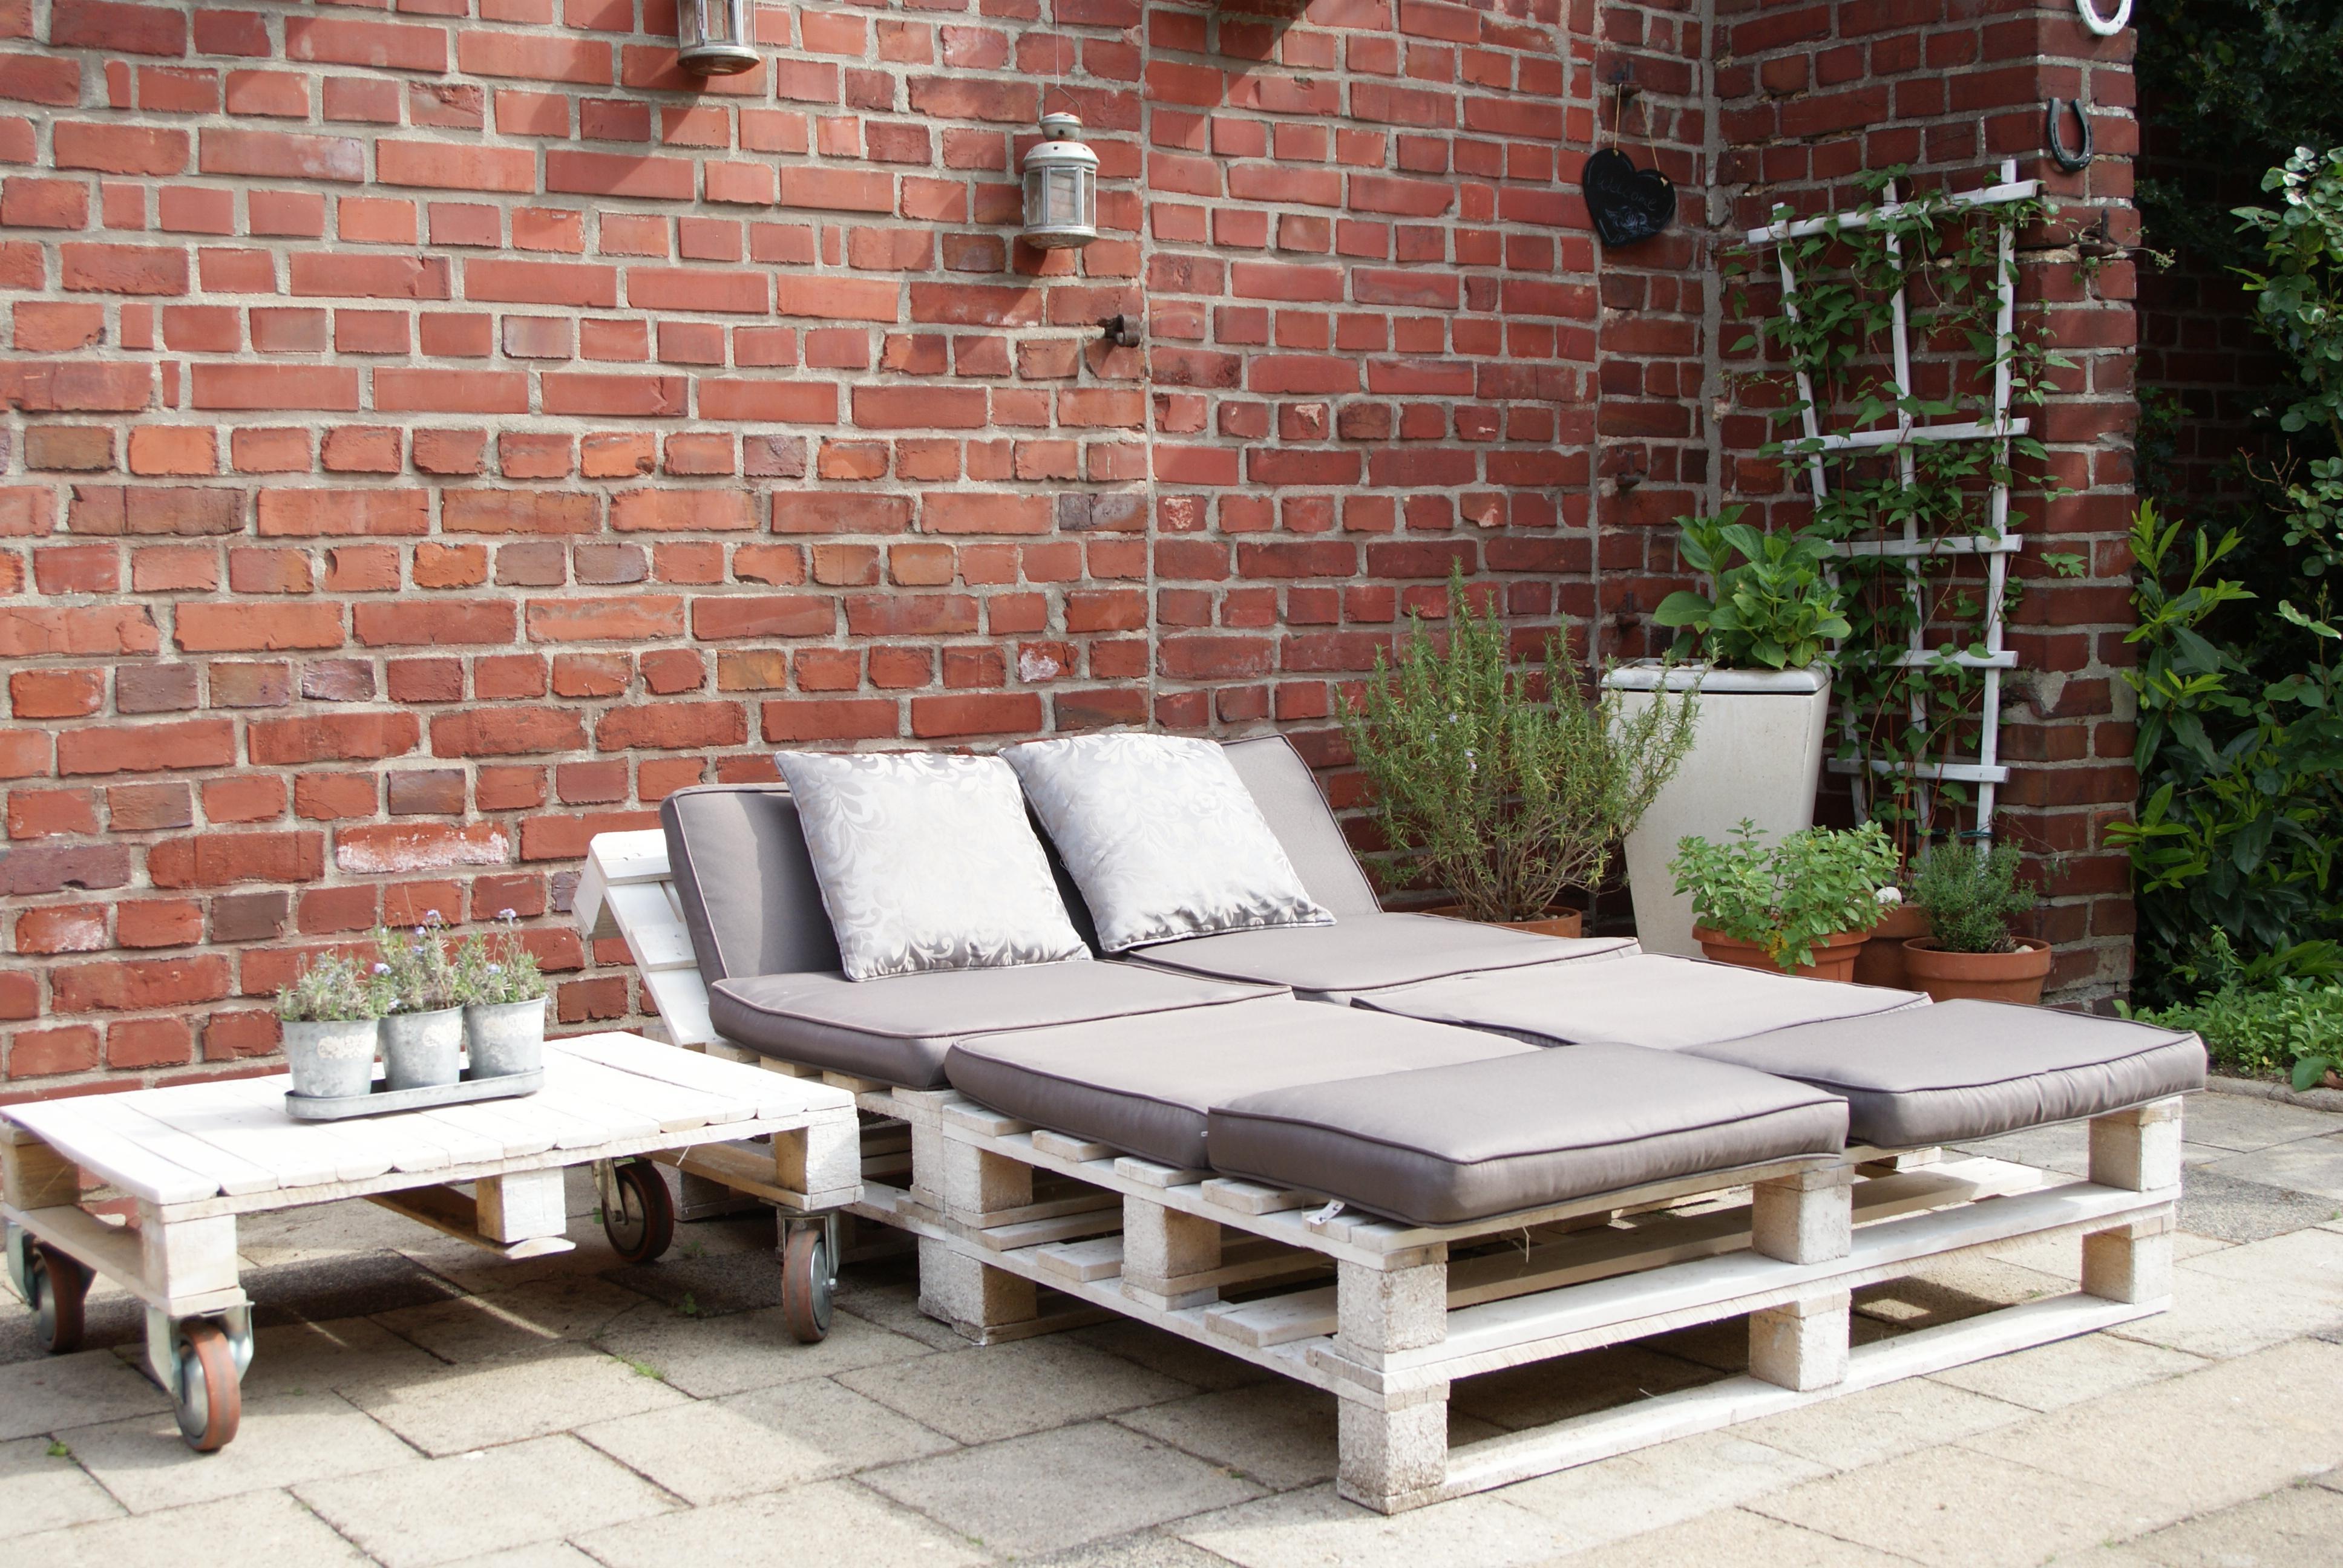 alles paletti: individuelle möbel aus europaletten